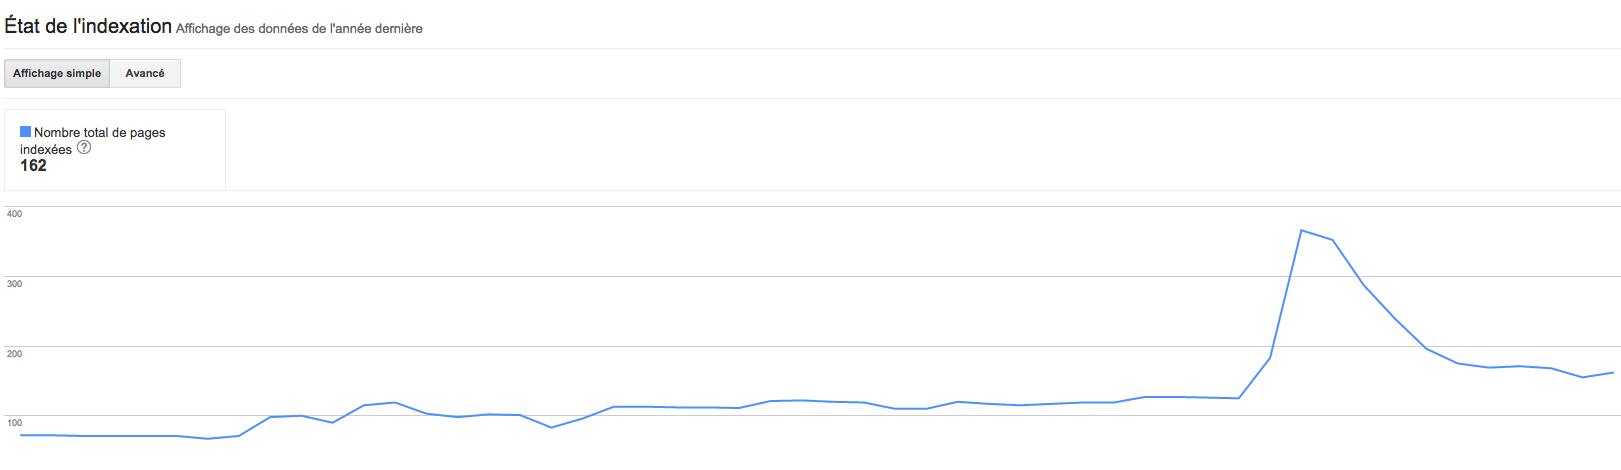 Regardez régulièrement où en est l'indexation de votre site